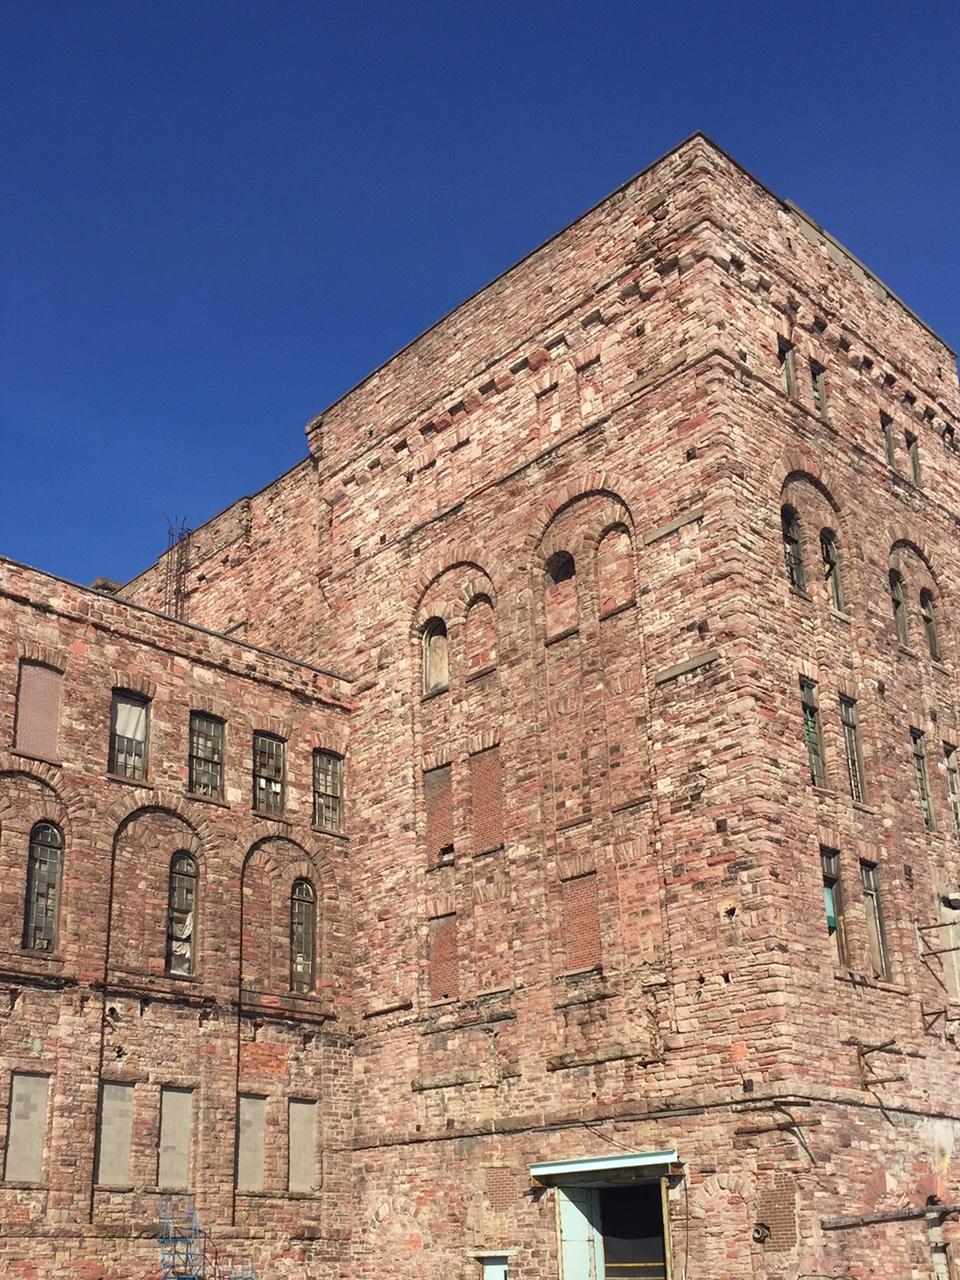 La tour en grès rouge avec un beau ciel bleu en arrière plan.